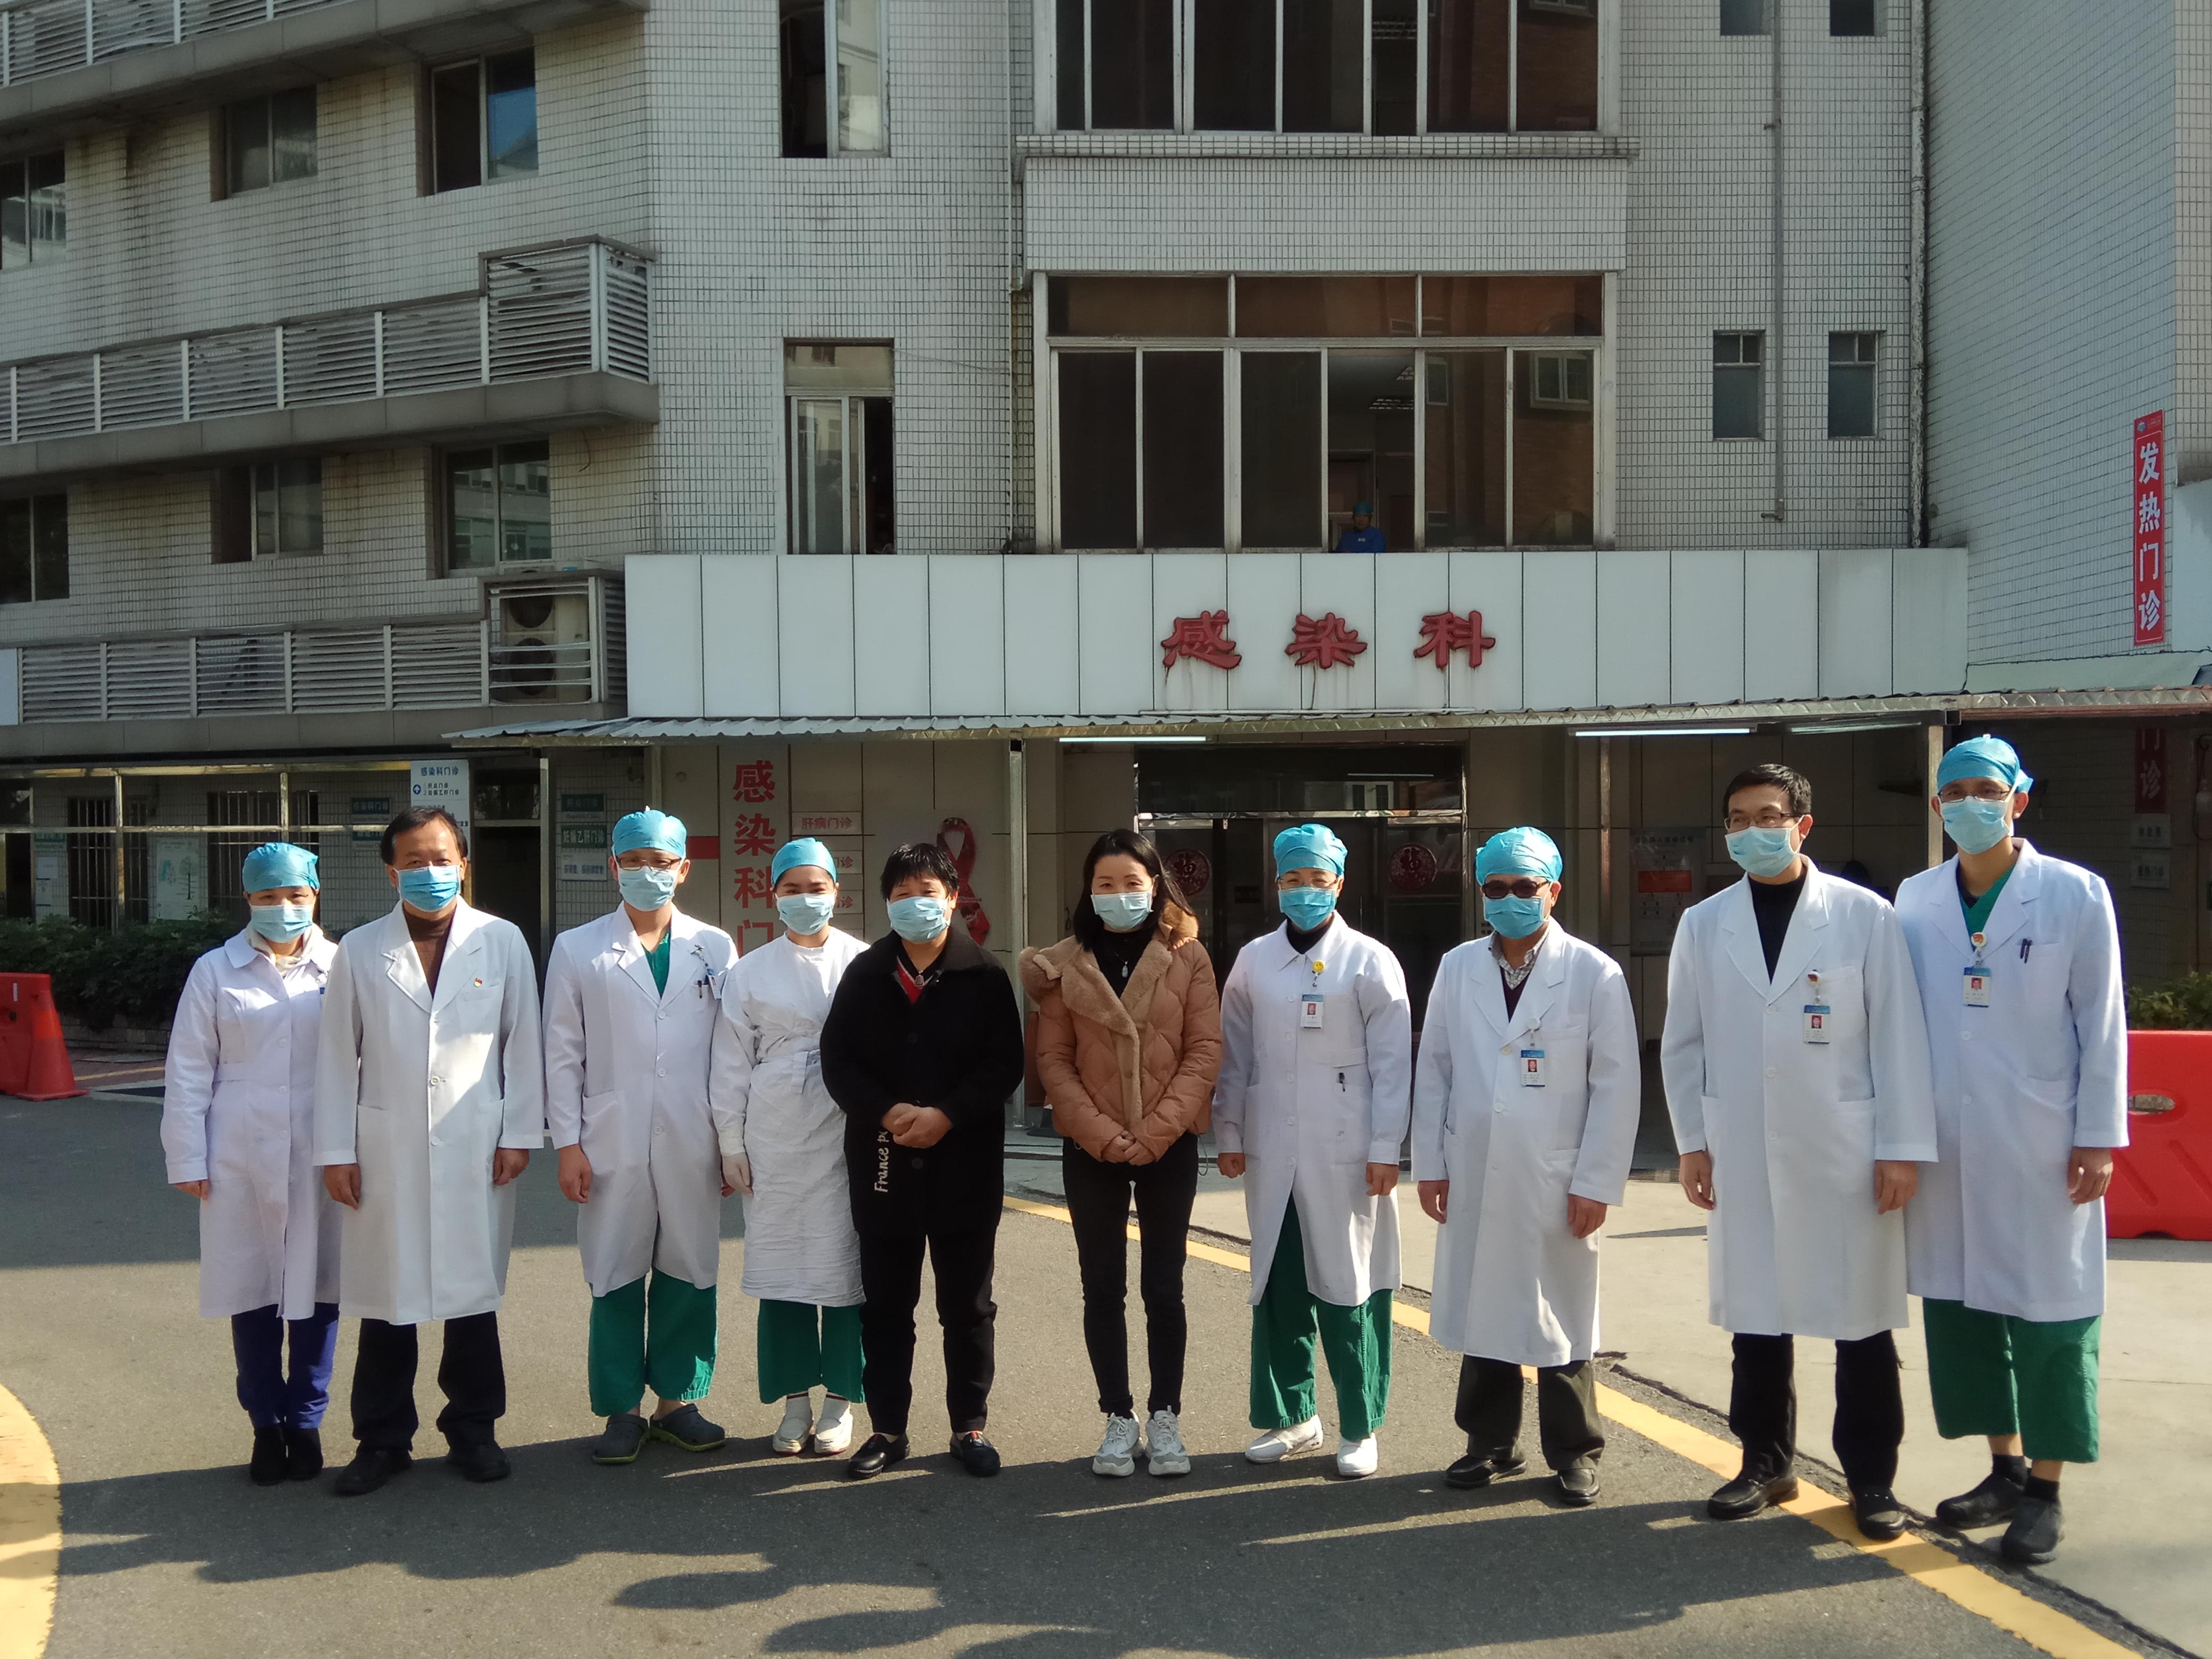 2月18日江门又有两例新冠肺炎患者治愈出院 累计8例出院